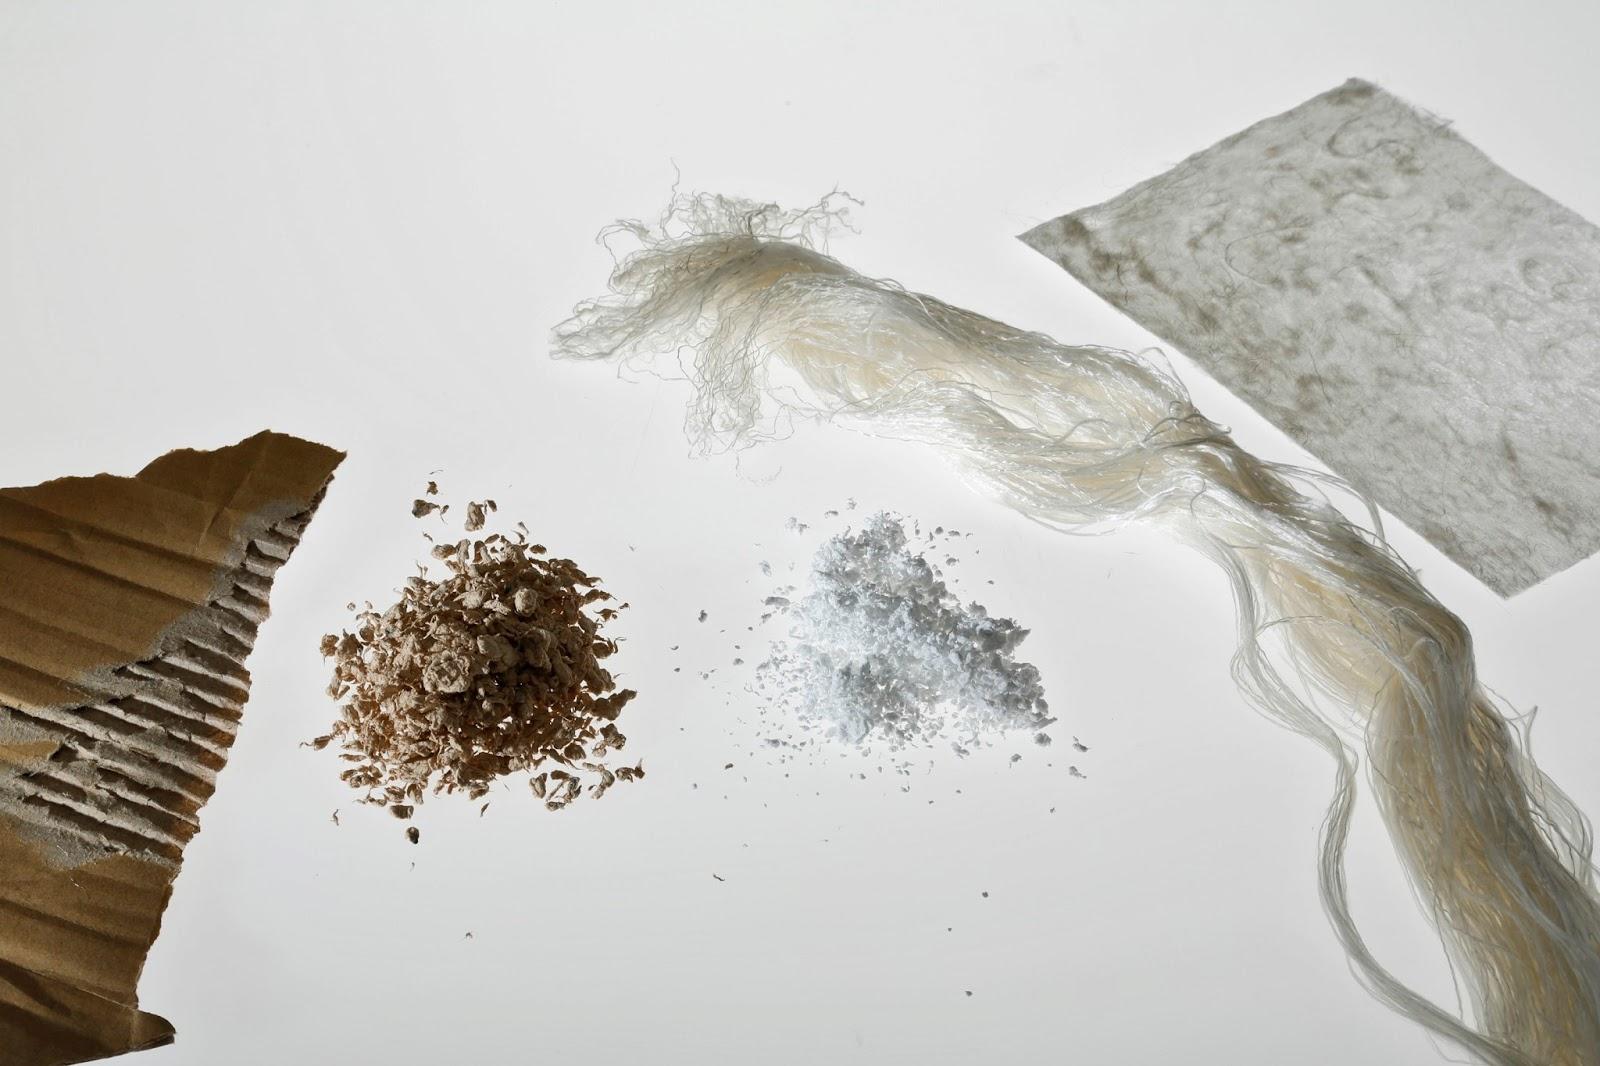 Fralda biodegradável feita de papelão promete reduzir drasticamente a produção de lixo 2